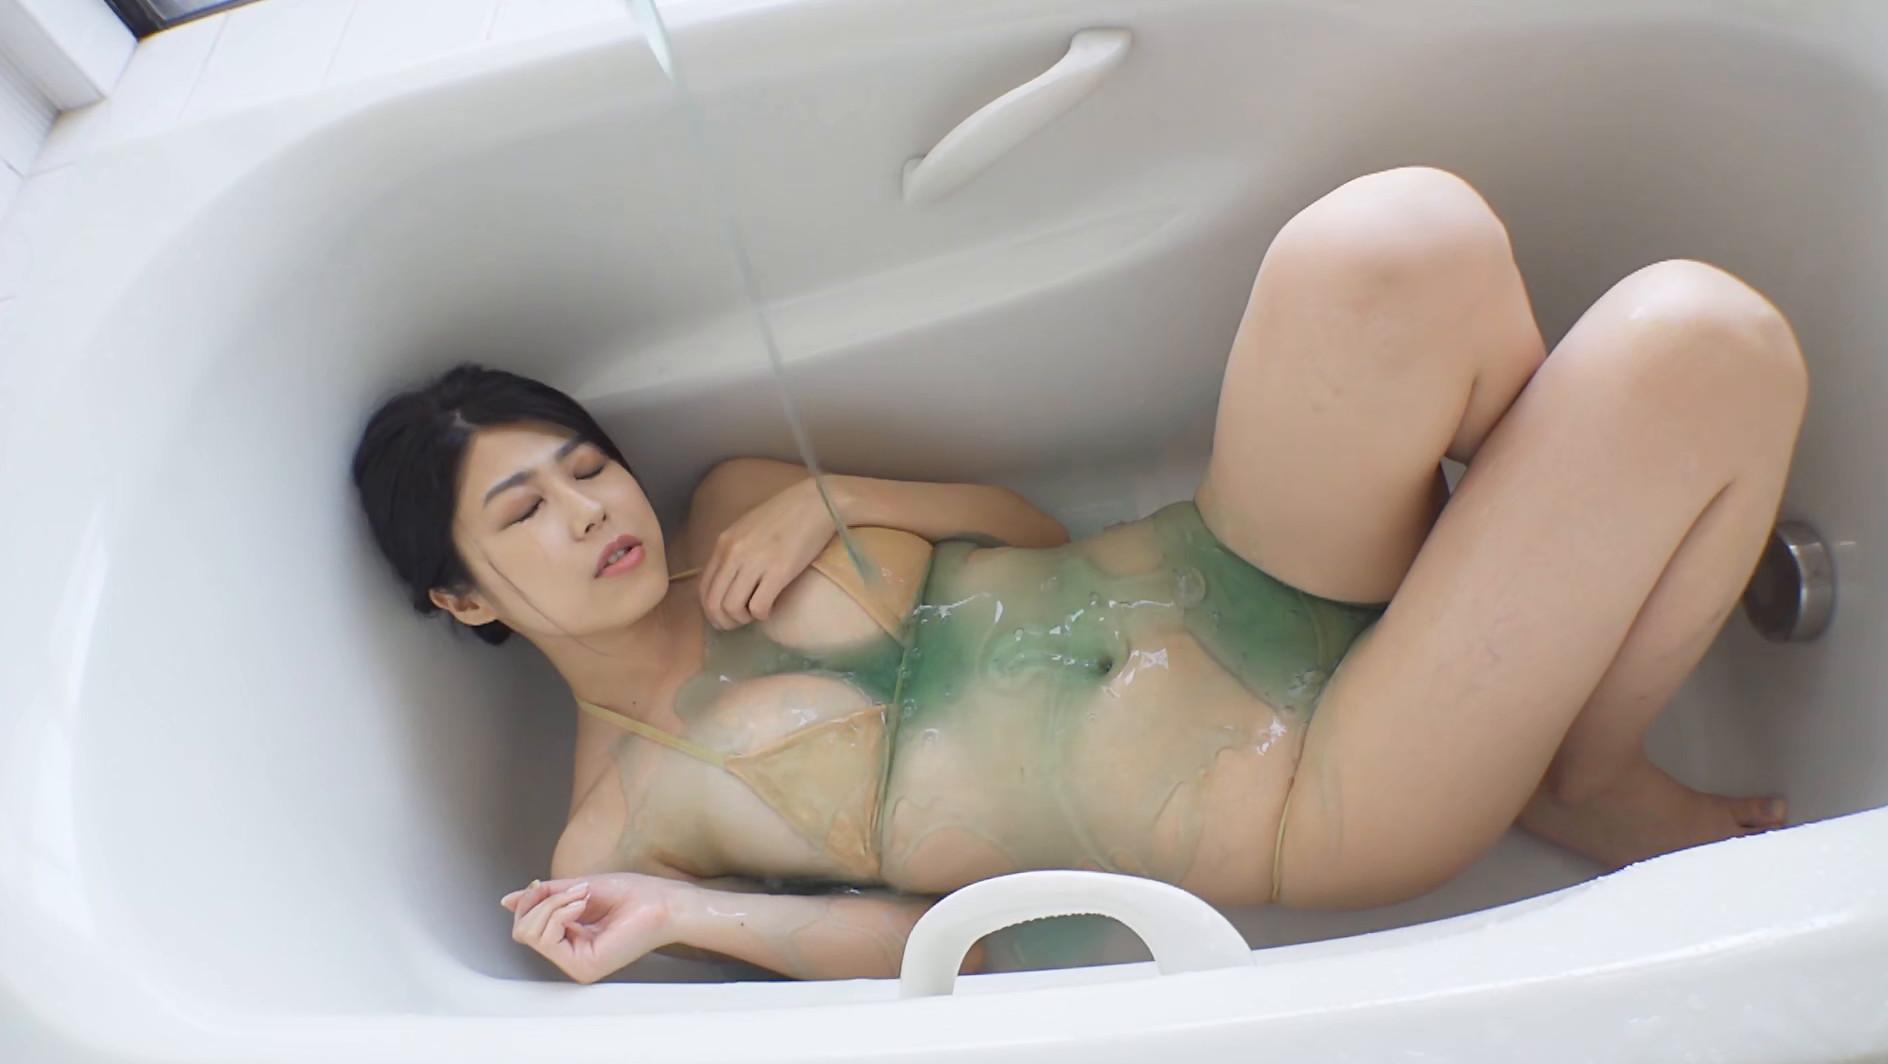 妄想 ゆめじ 画像21